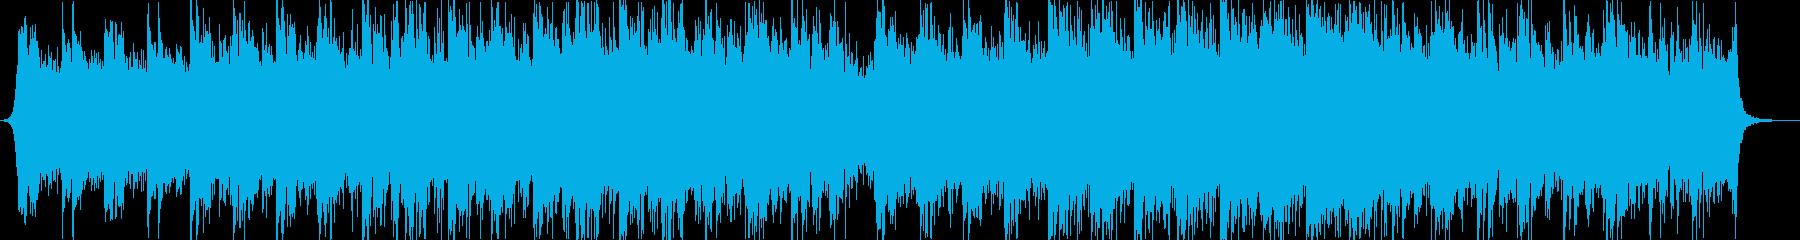 マリンバとピアノ中心のアンビエント曲の再生済みの波形